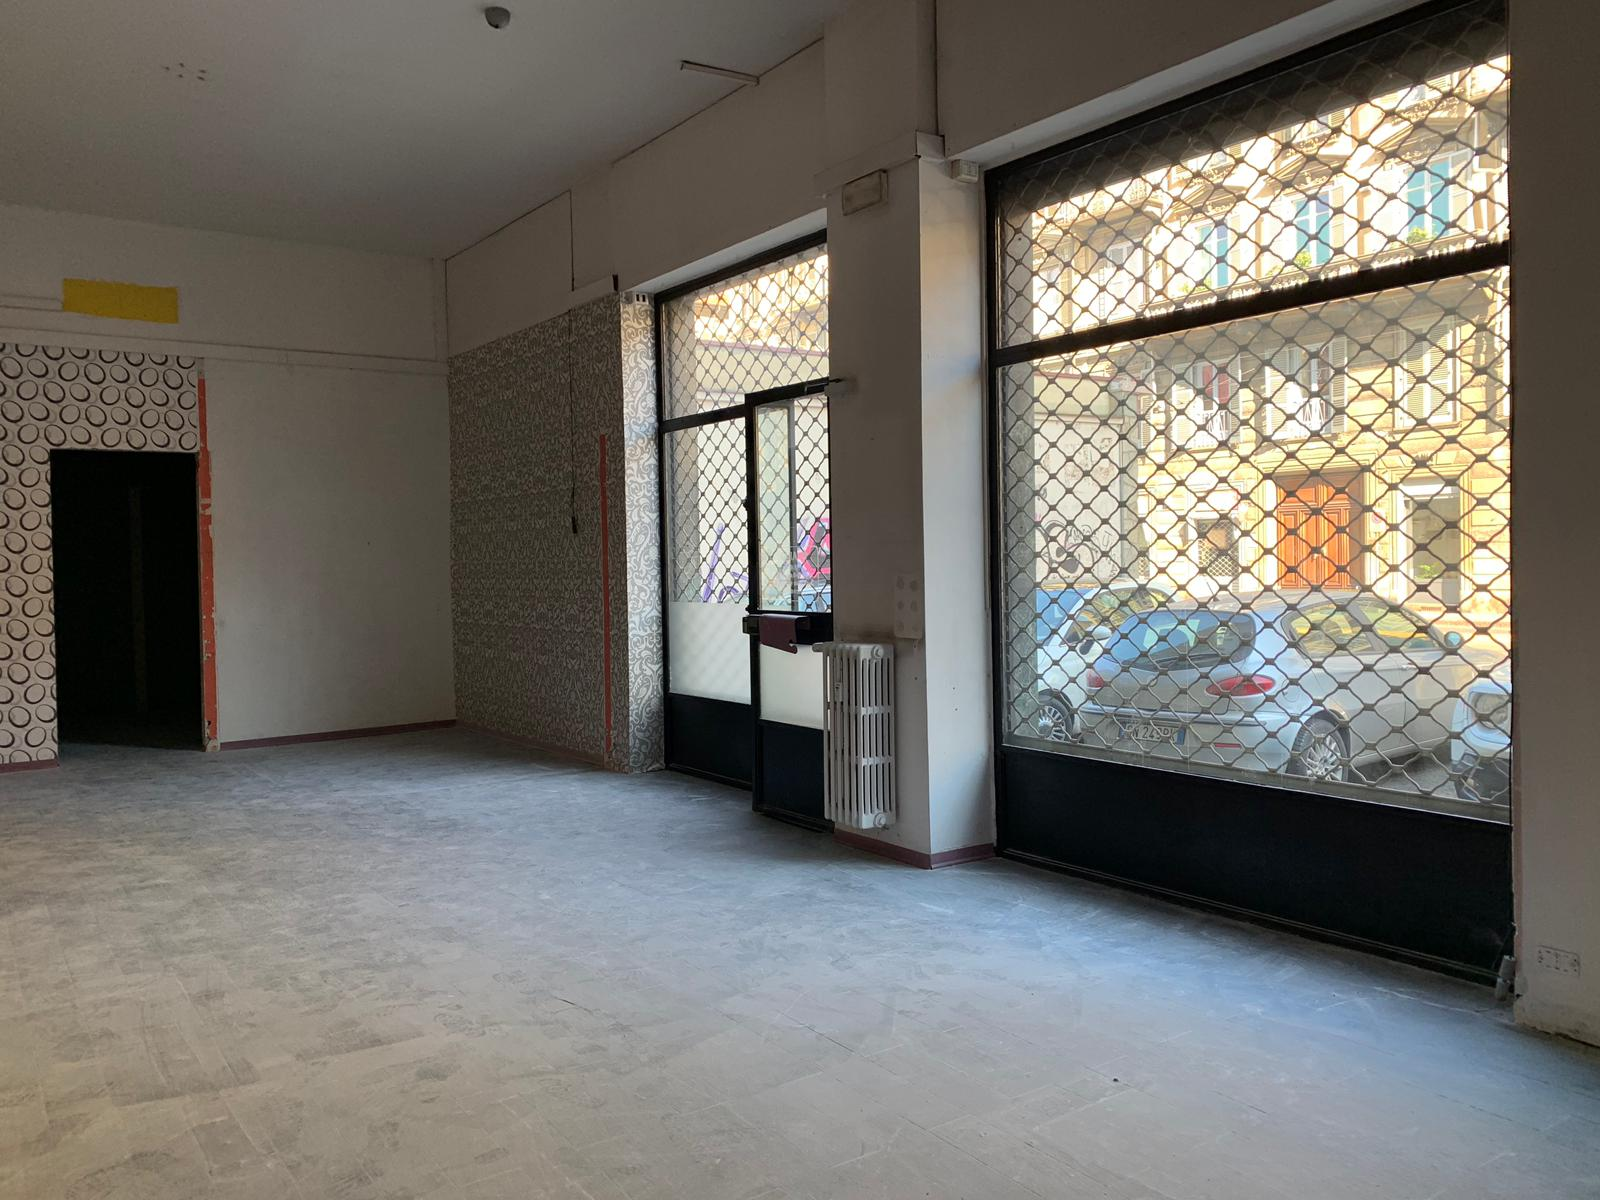 Locale commerciale in locazione – Via Valperga Caluso 16C, Torino